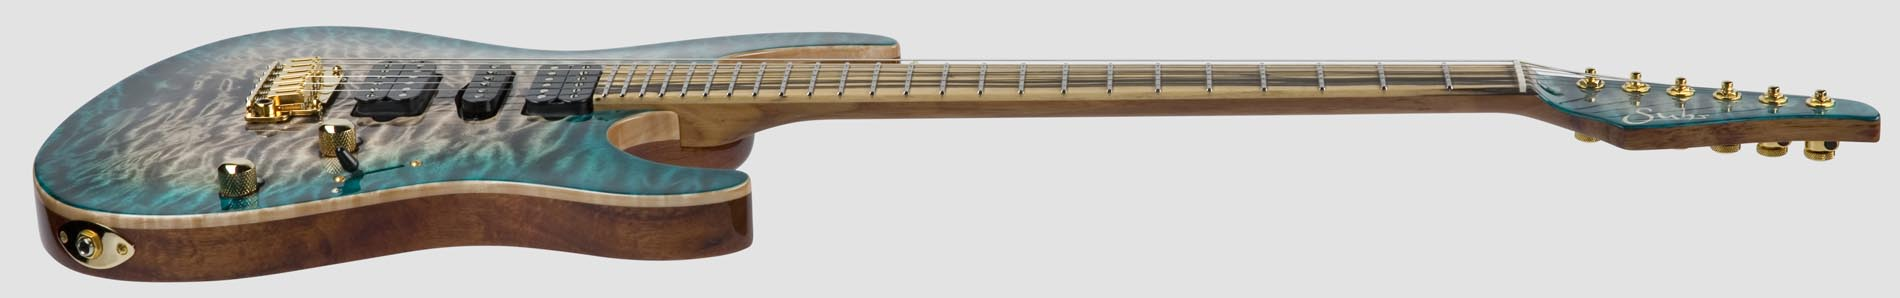 JS7C9R 005